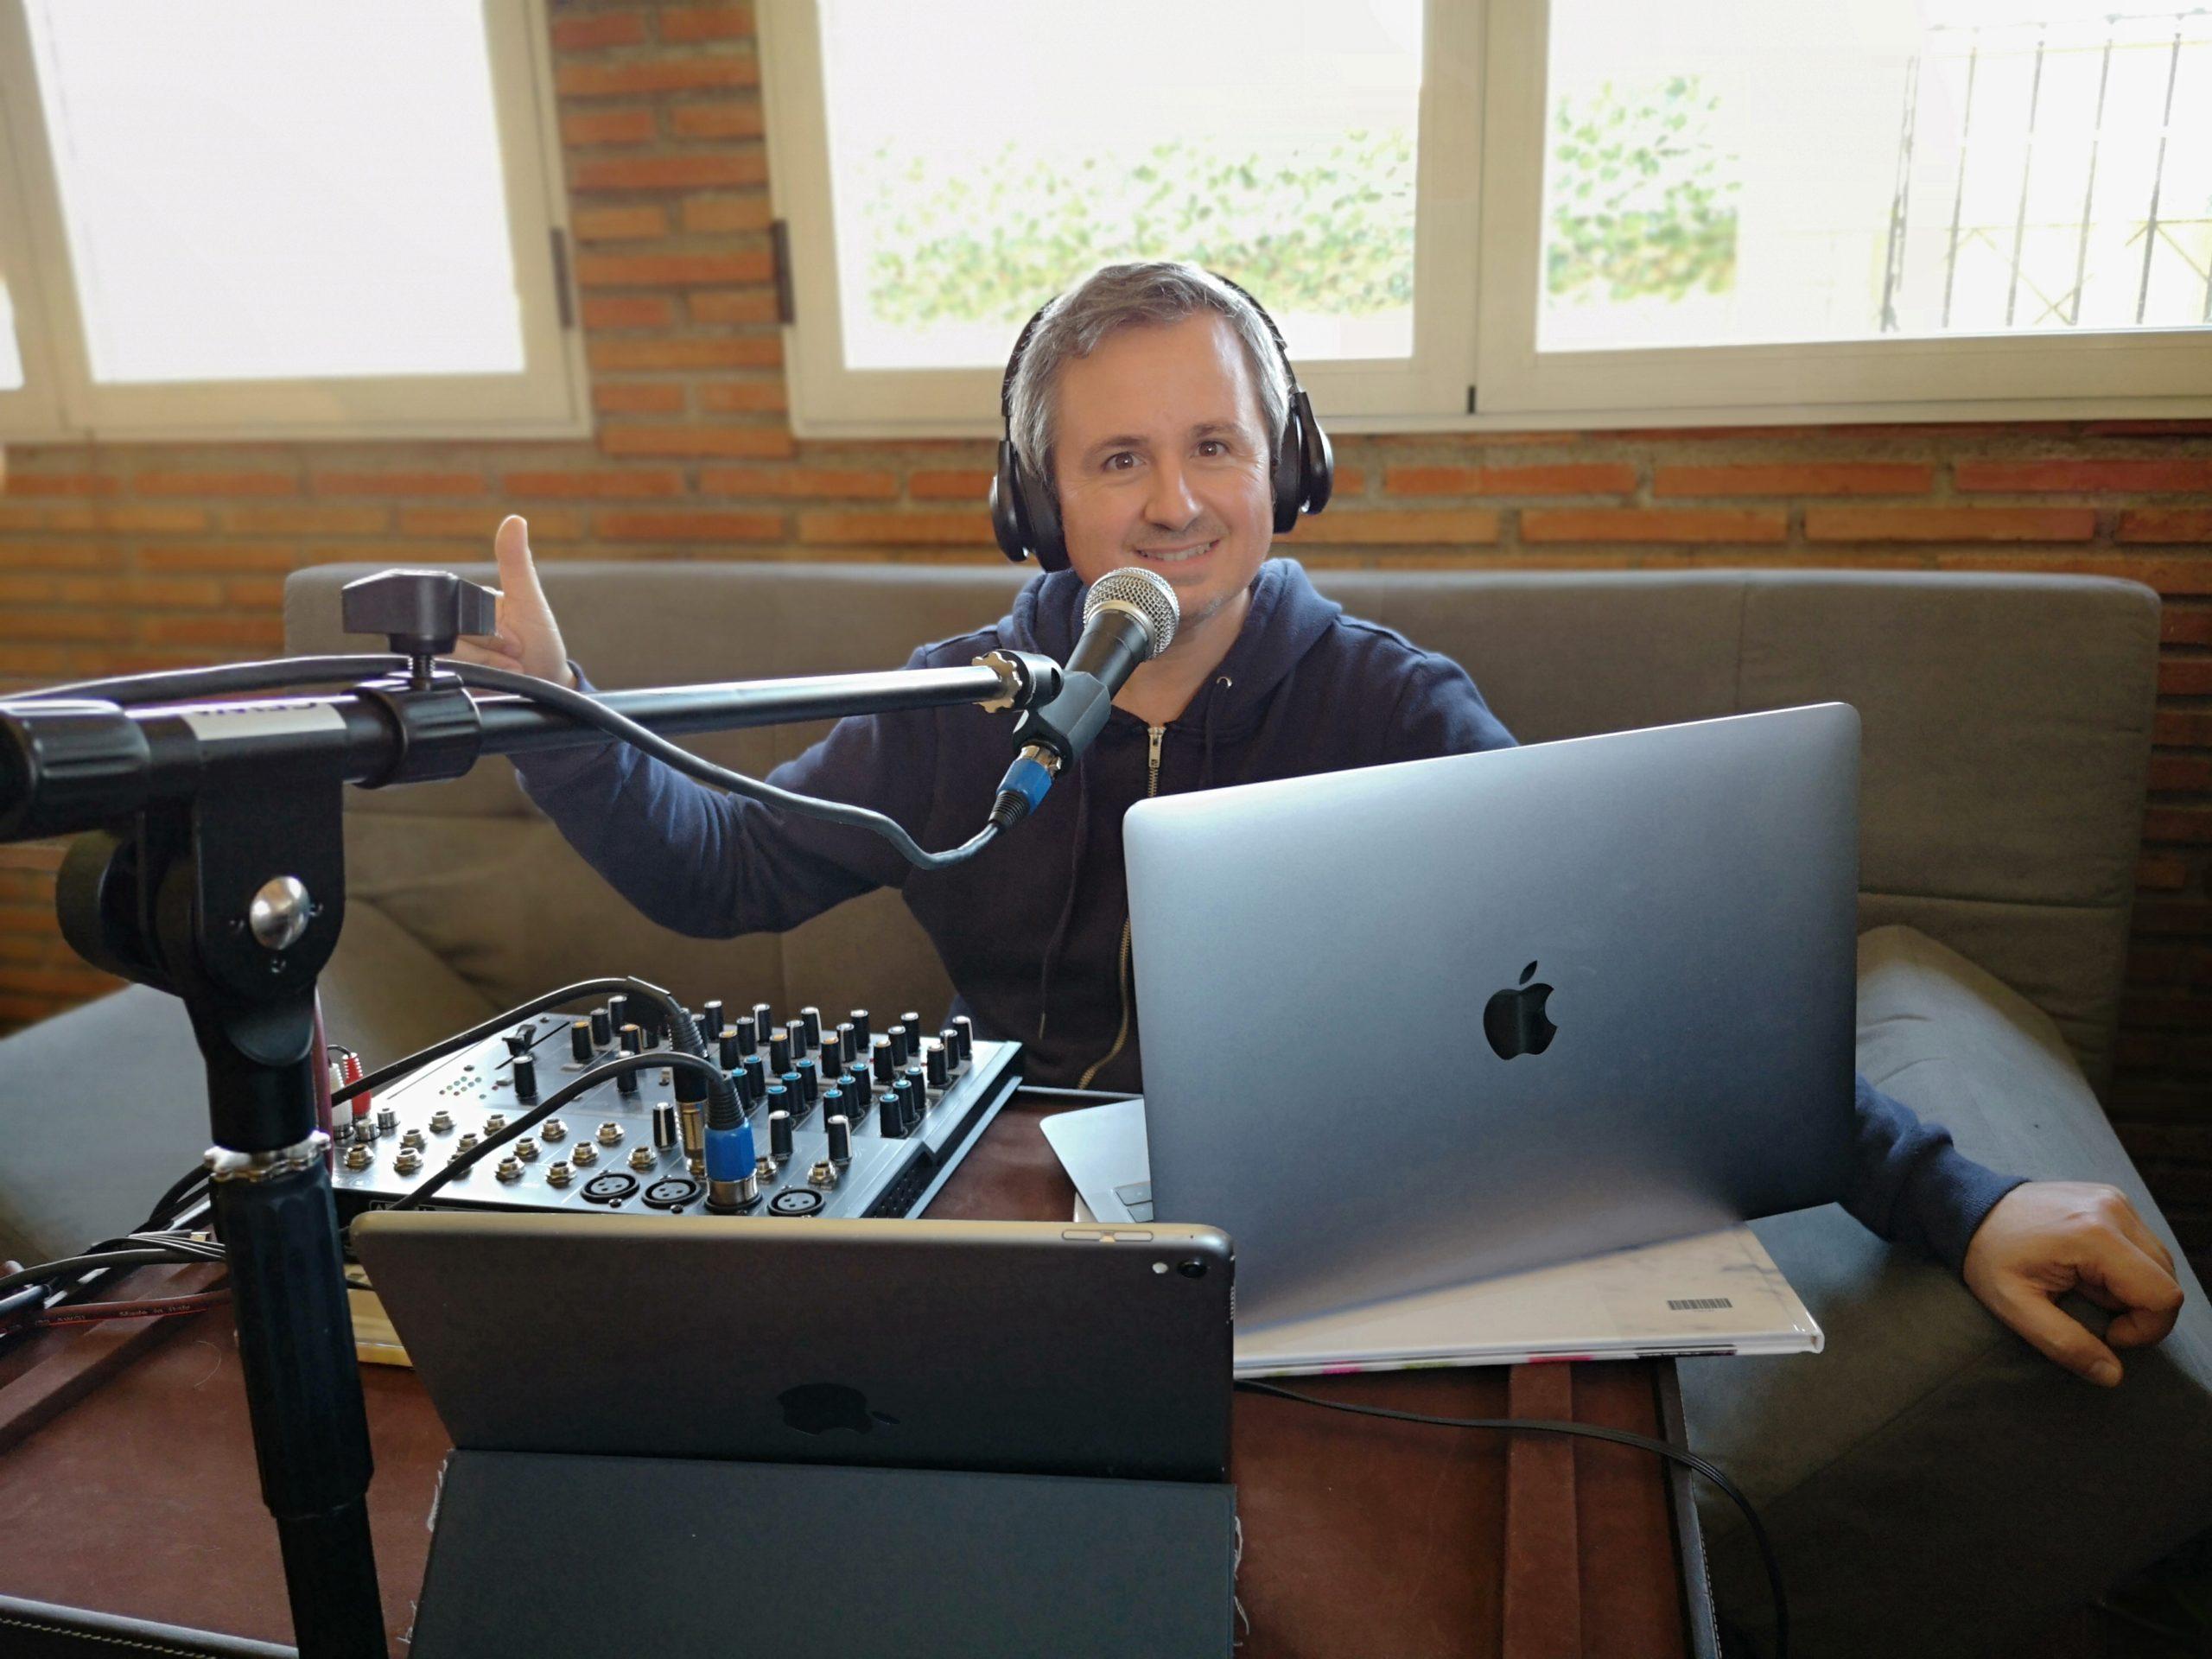 El profesor granadino prepara el programa 'Radio Fuerza' © Ángel Barragán